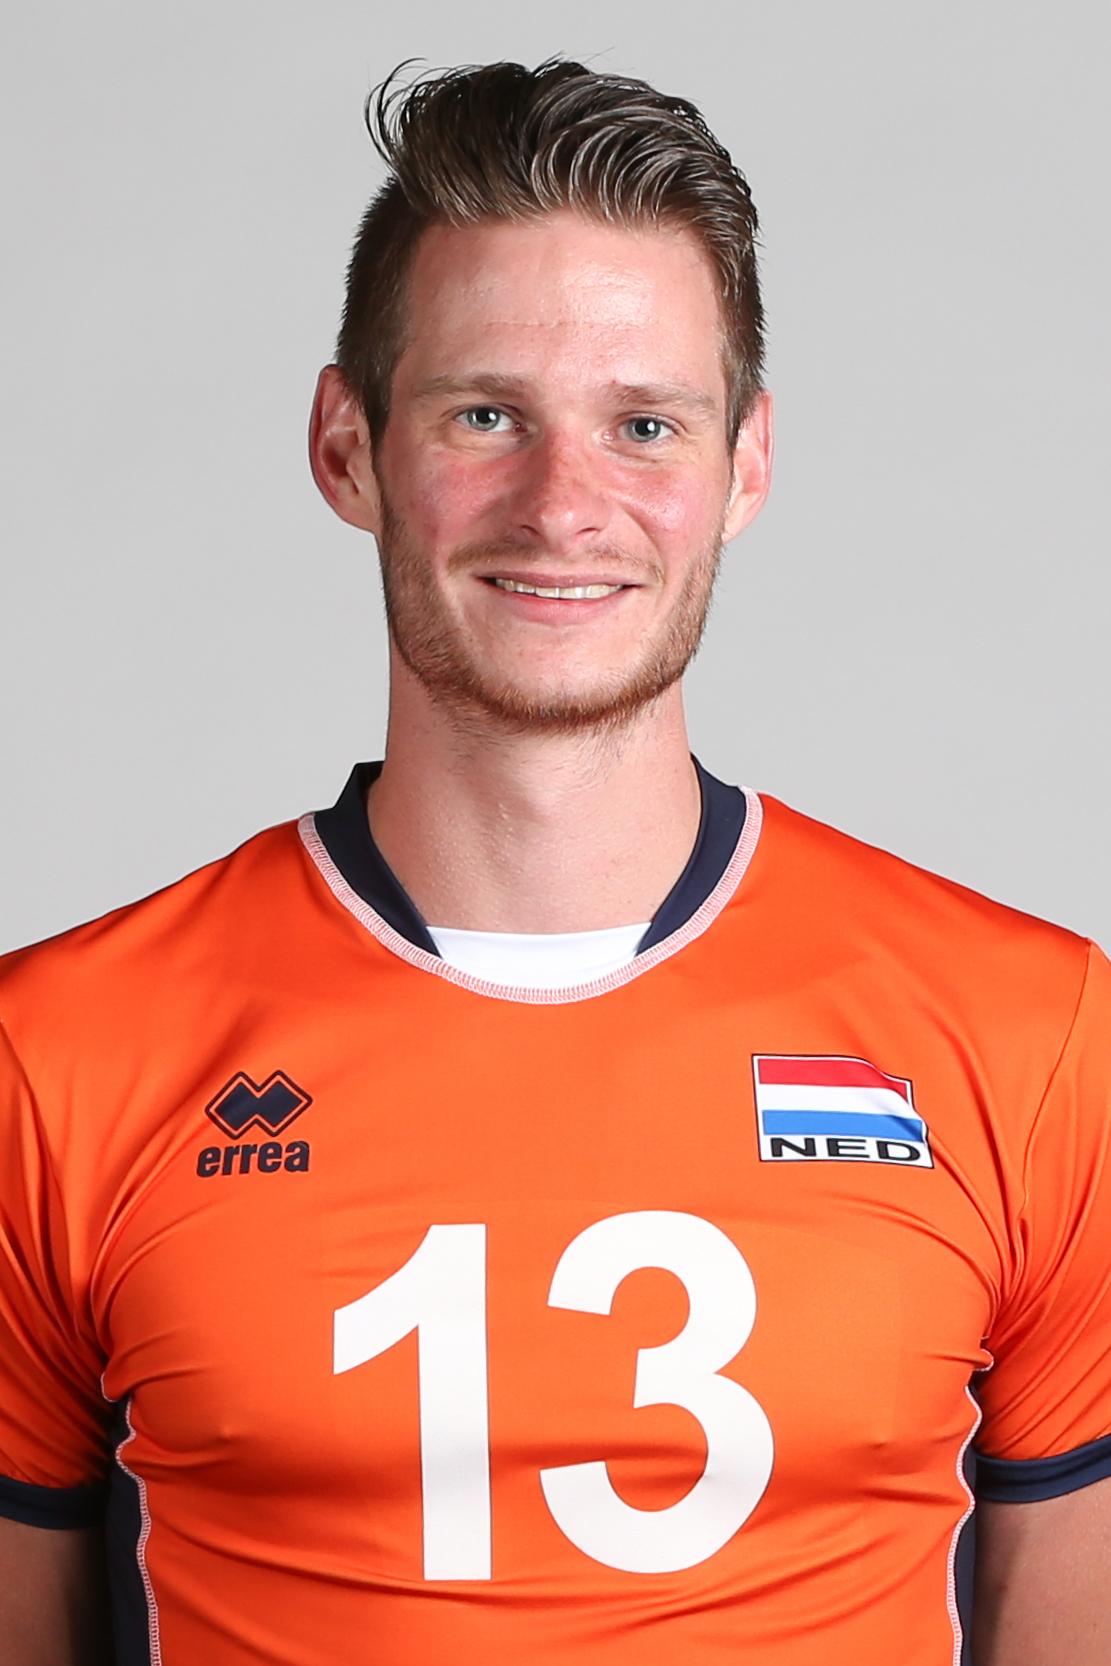 Floris Van Rekom